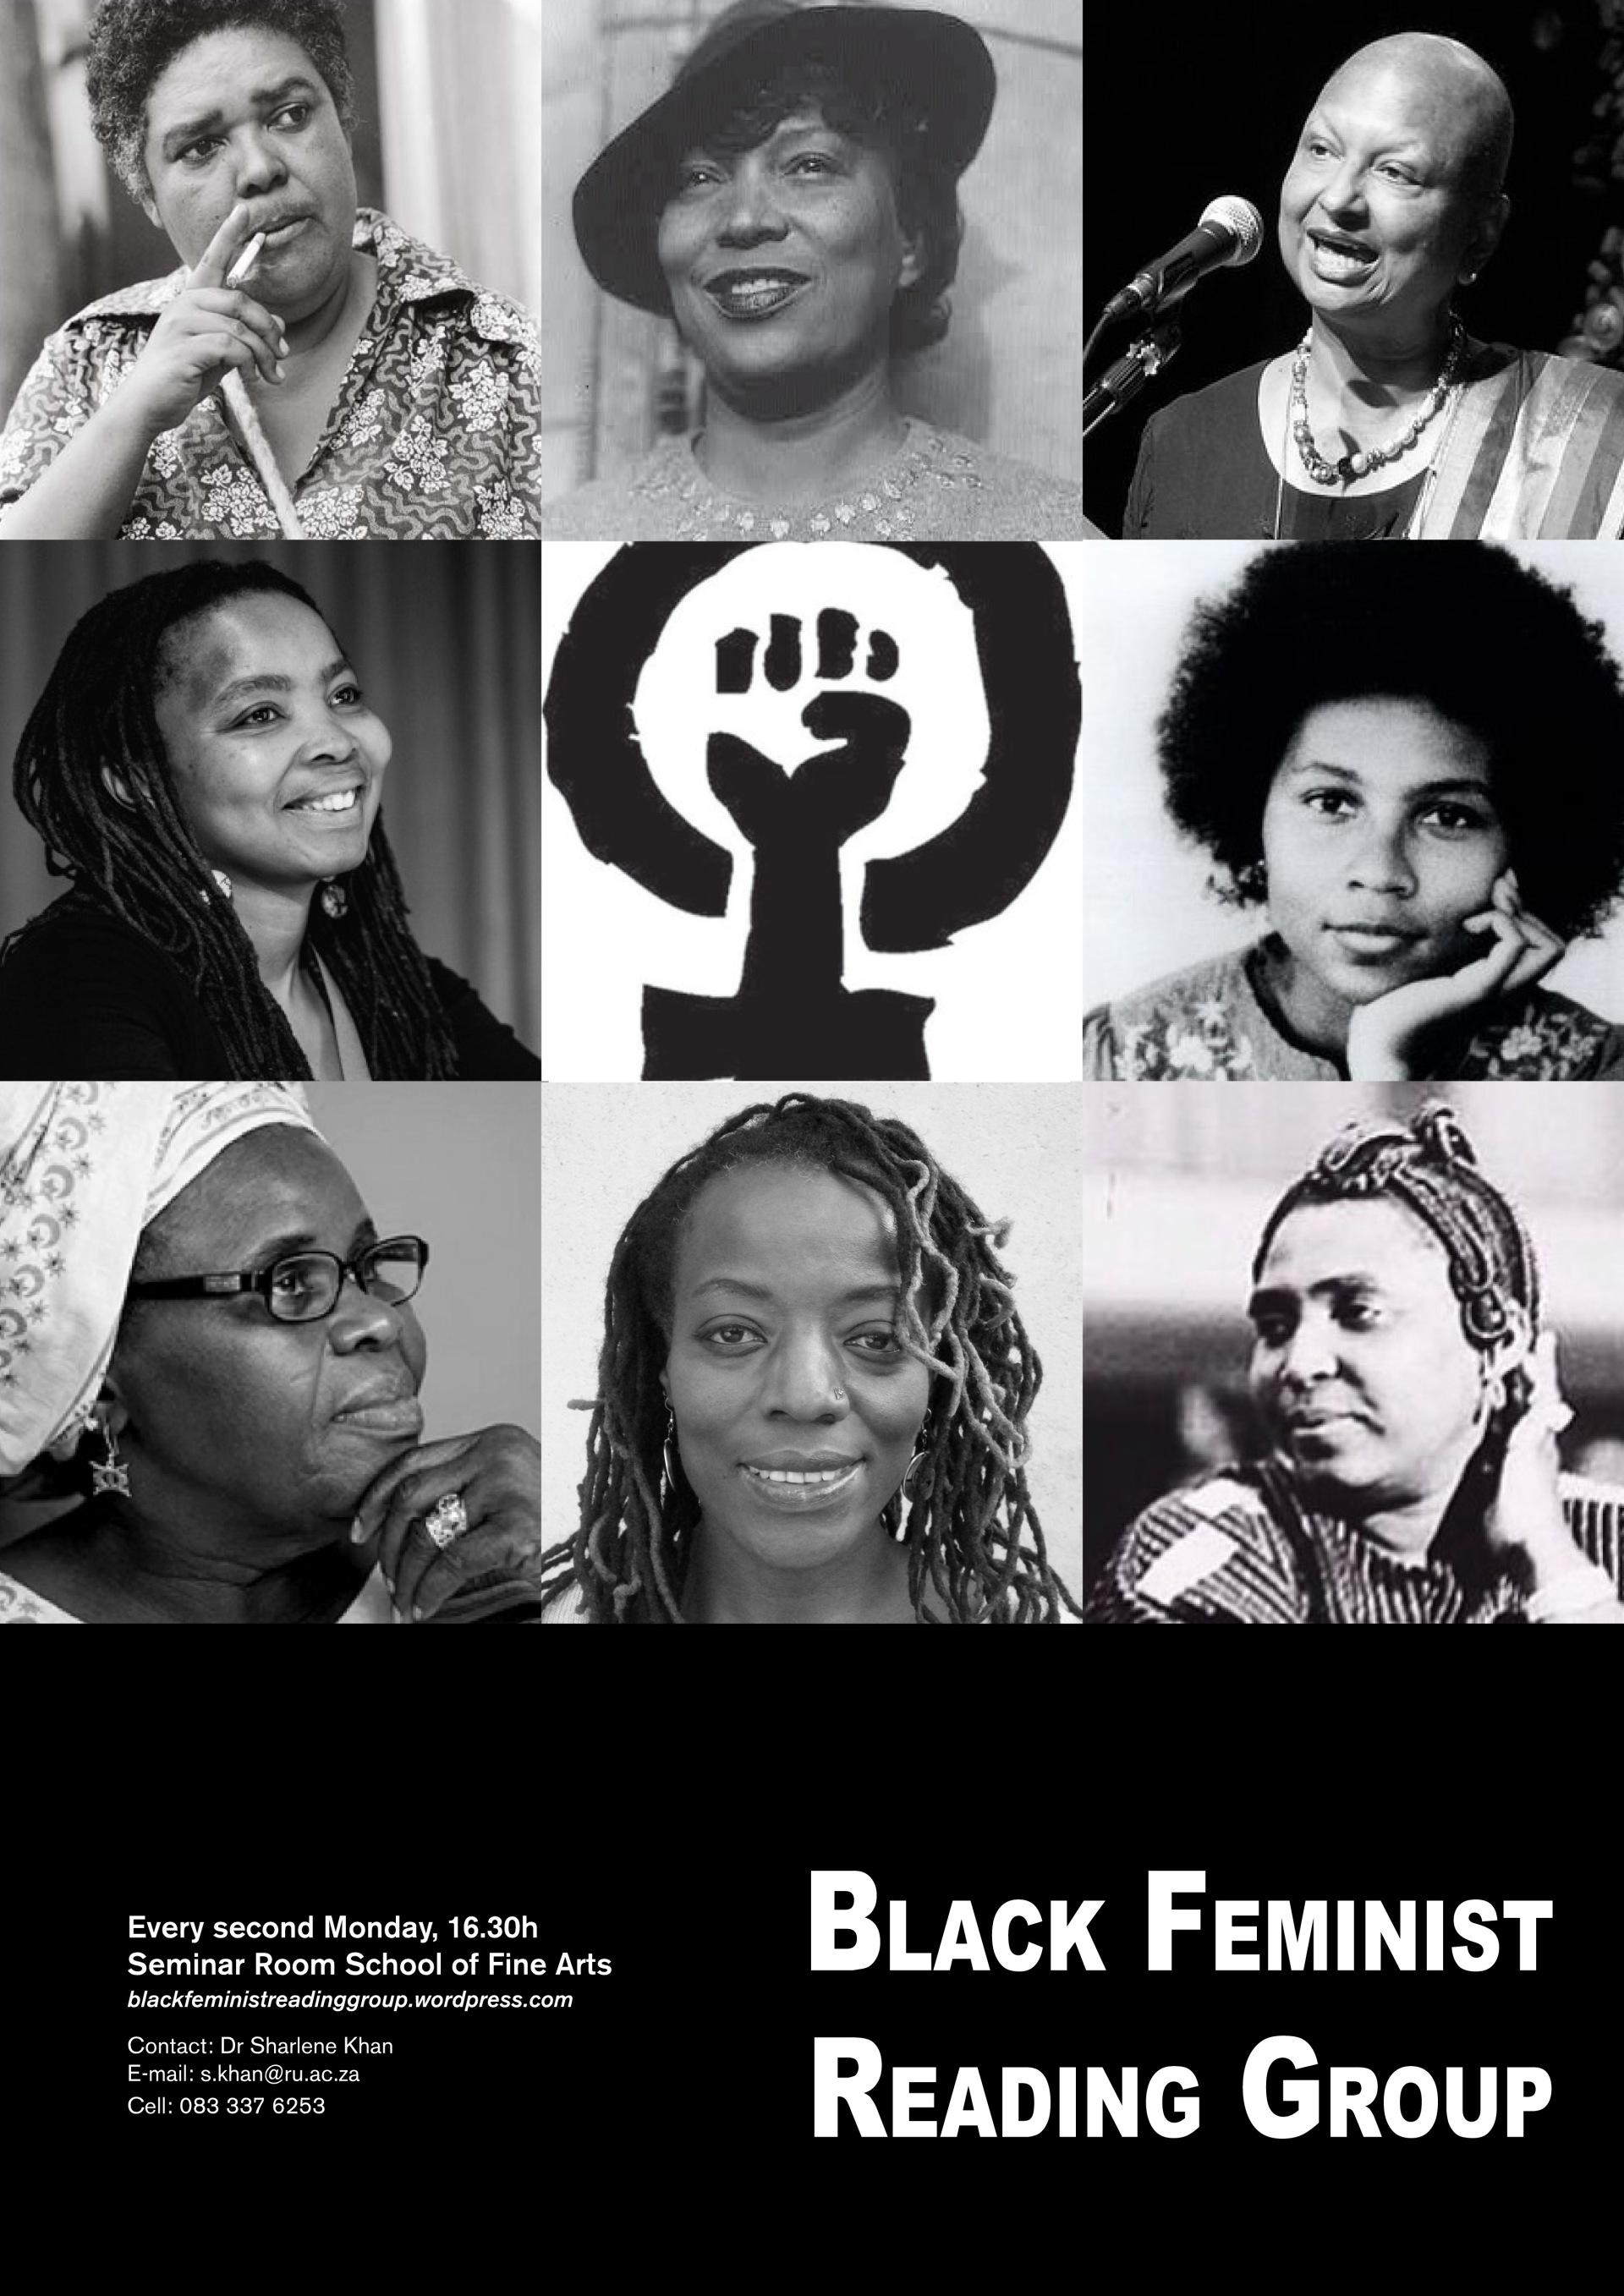 Artonourmind_Blackfeministreadinggroup